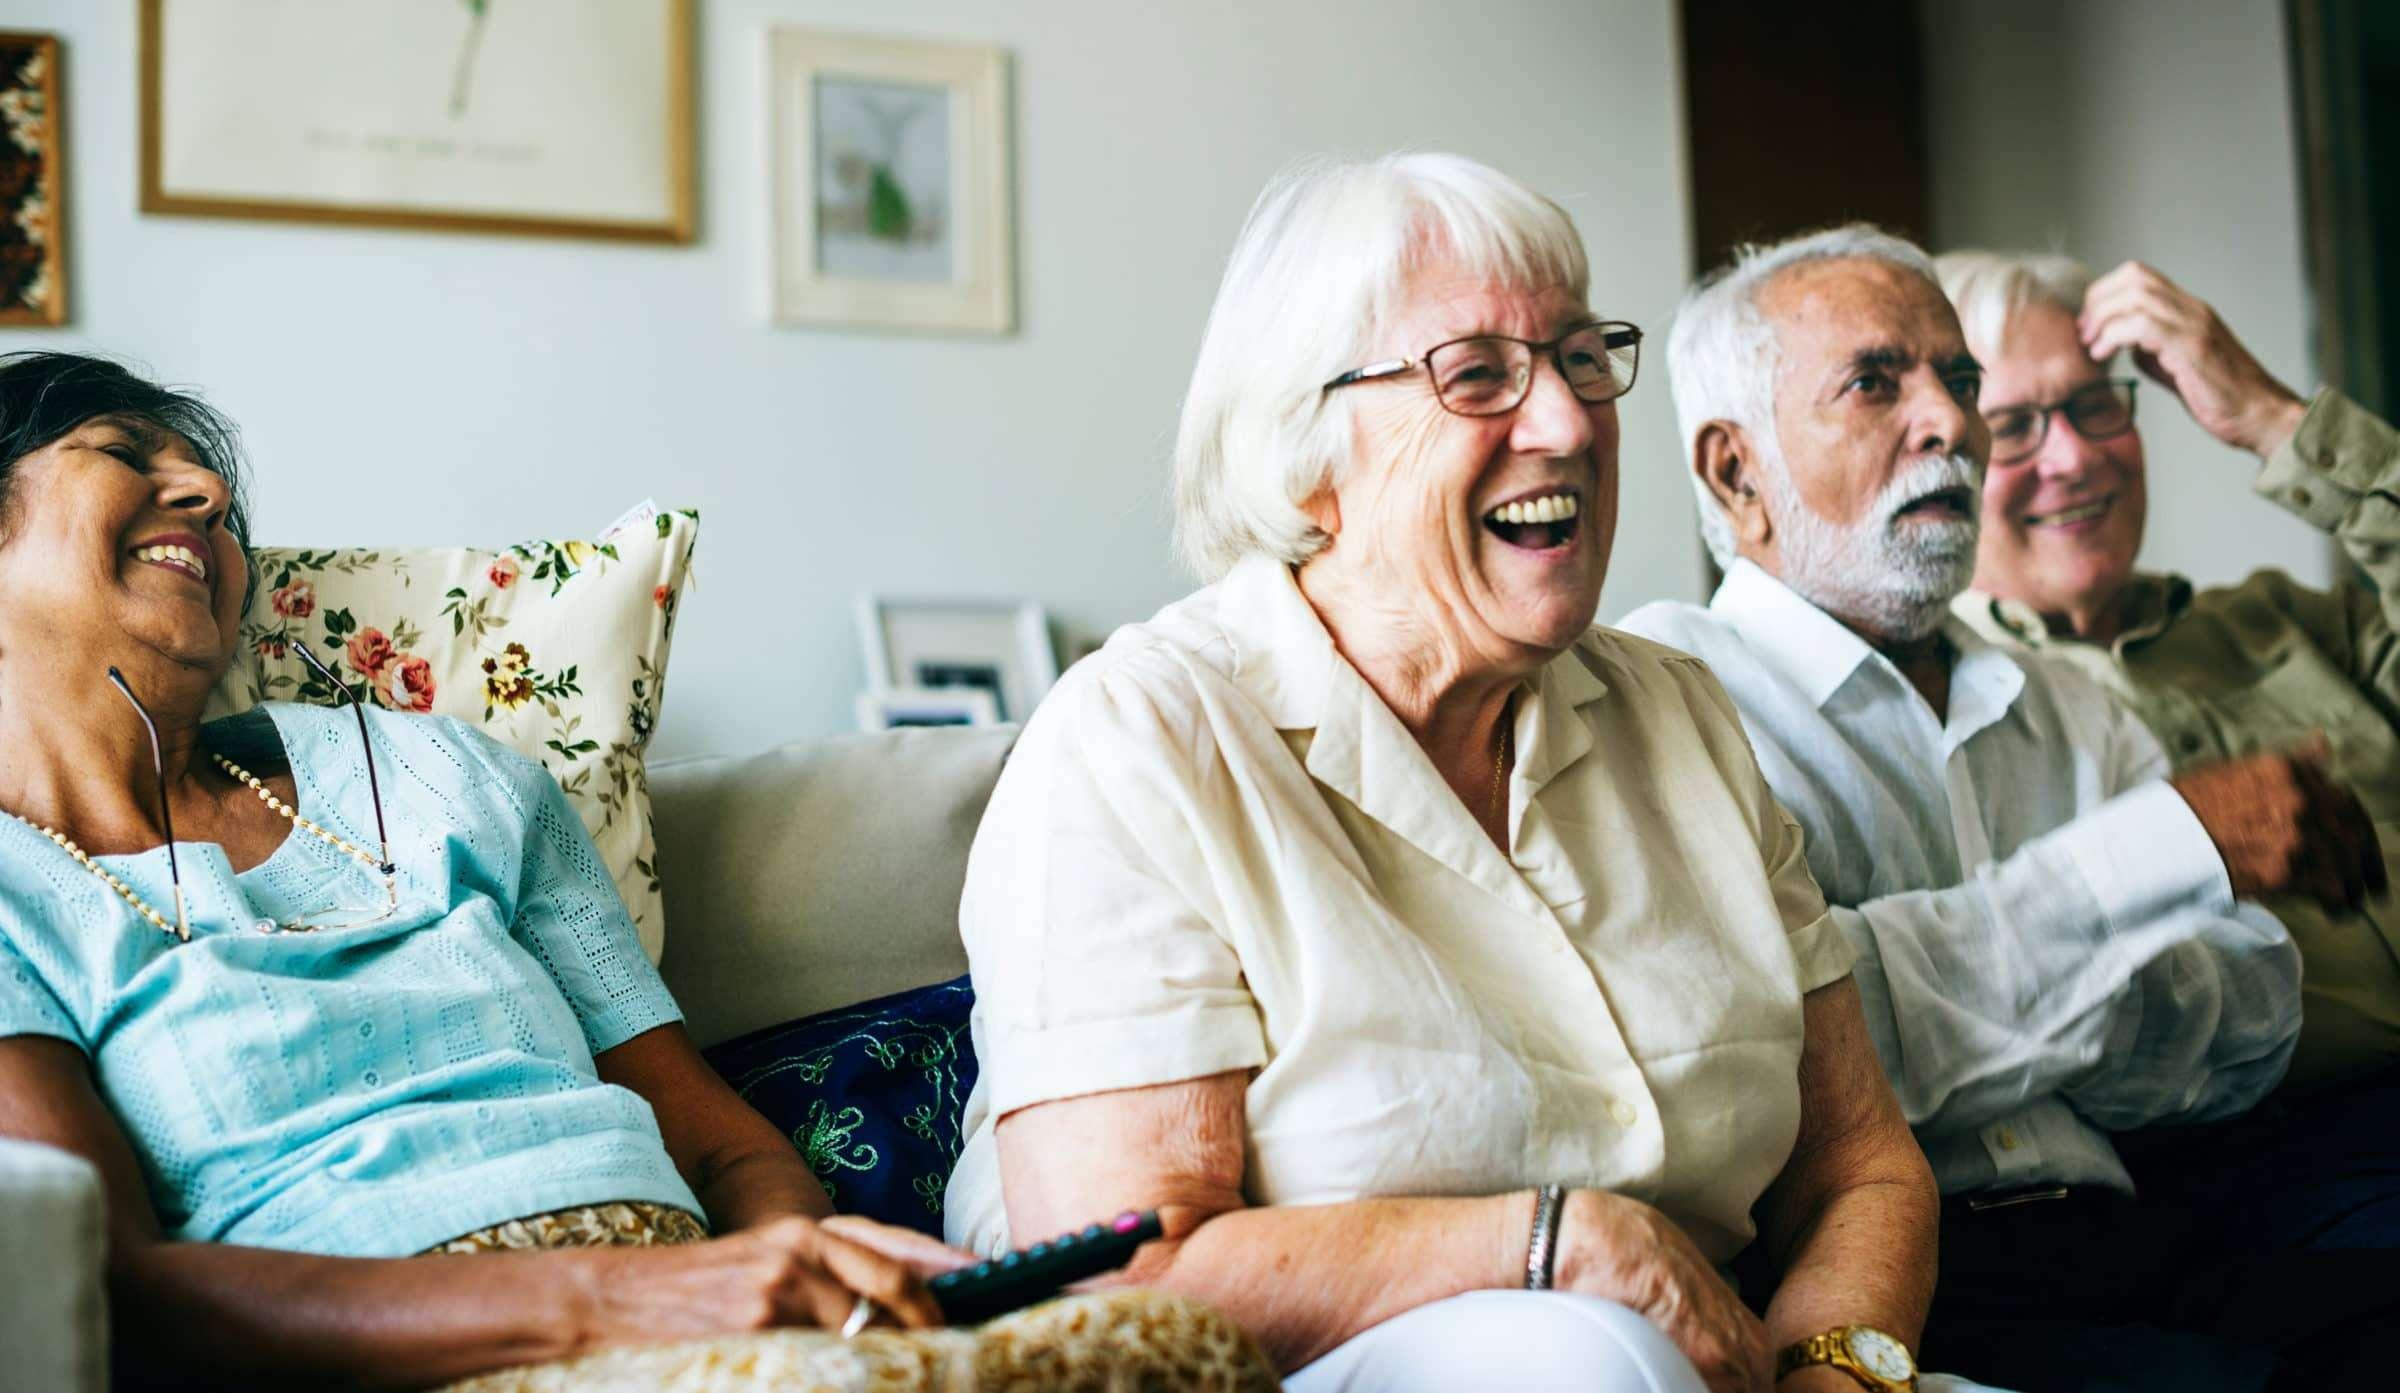 Older people enjoying themselves at a volunteer meeting